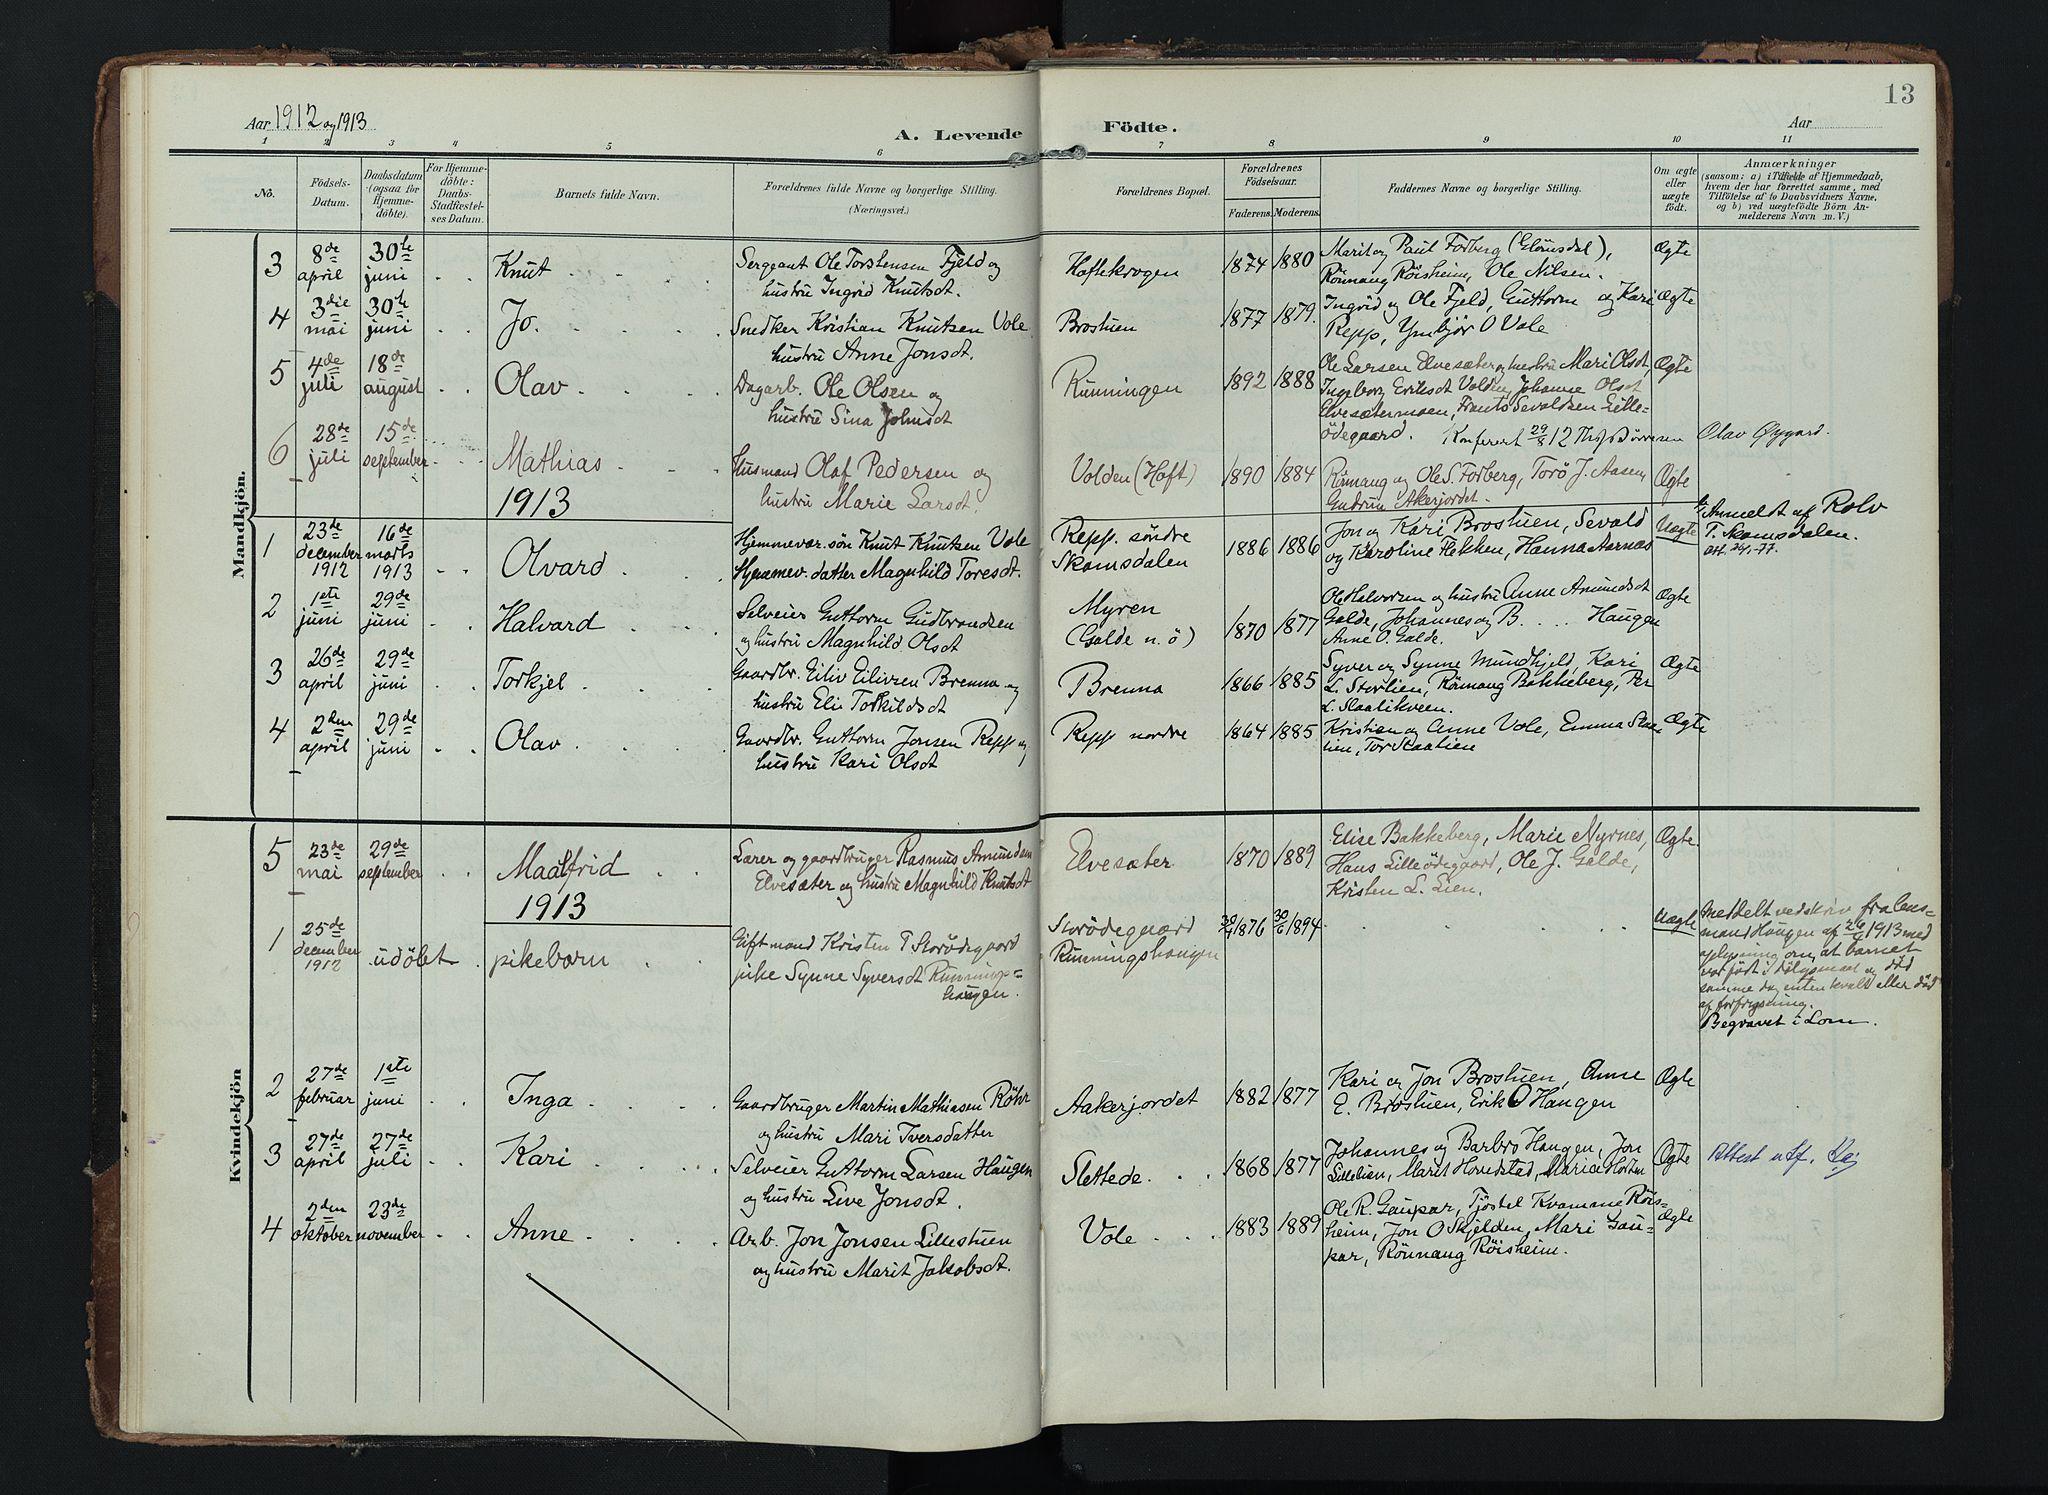 SAH, Lom prestekontor, K/L0012: Ministerialbok nr. 12, 1904-1928, s. 13